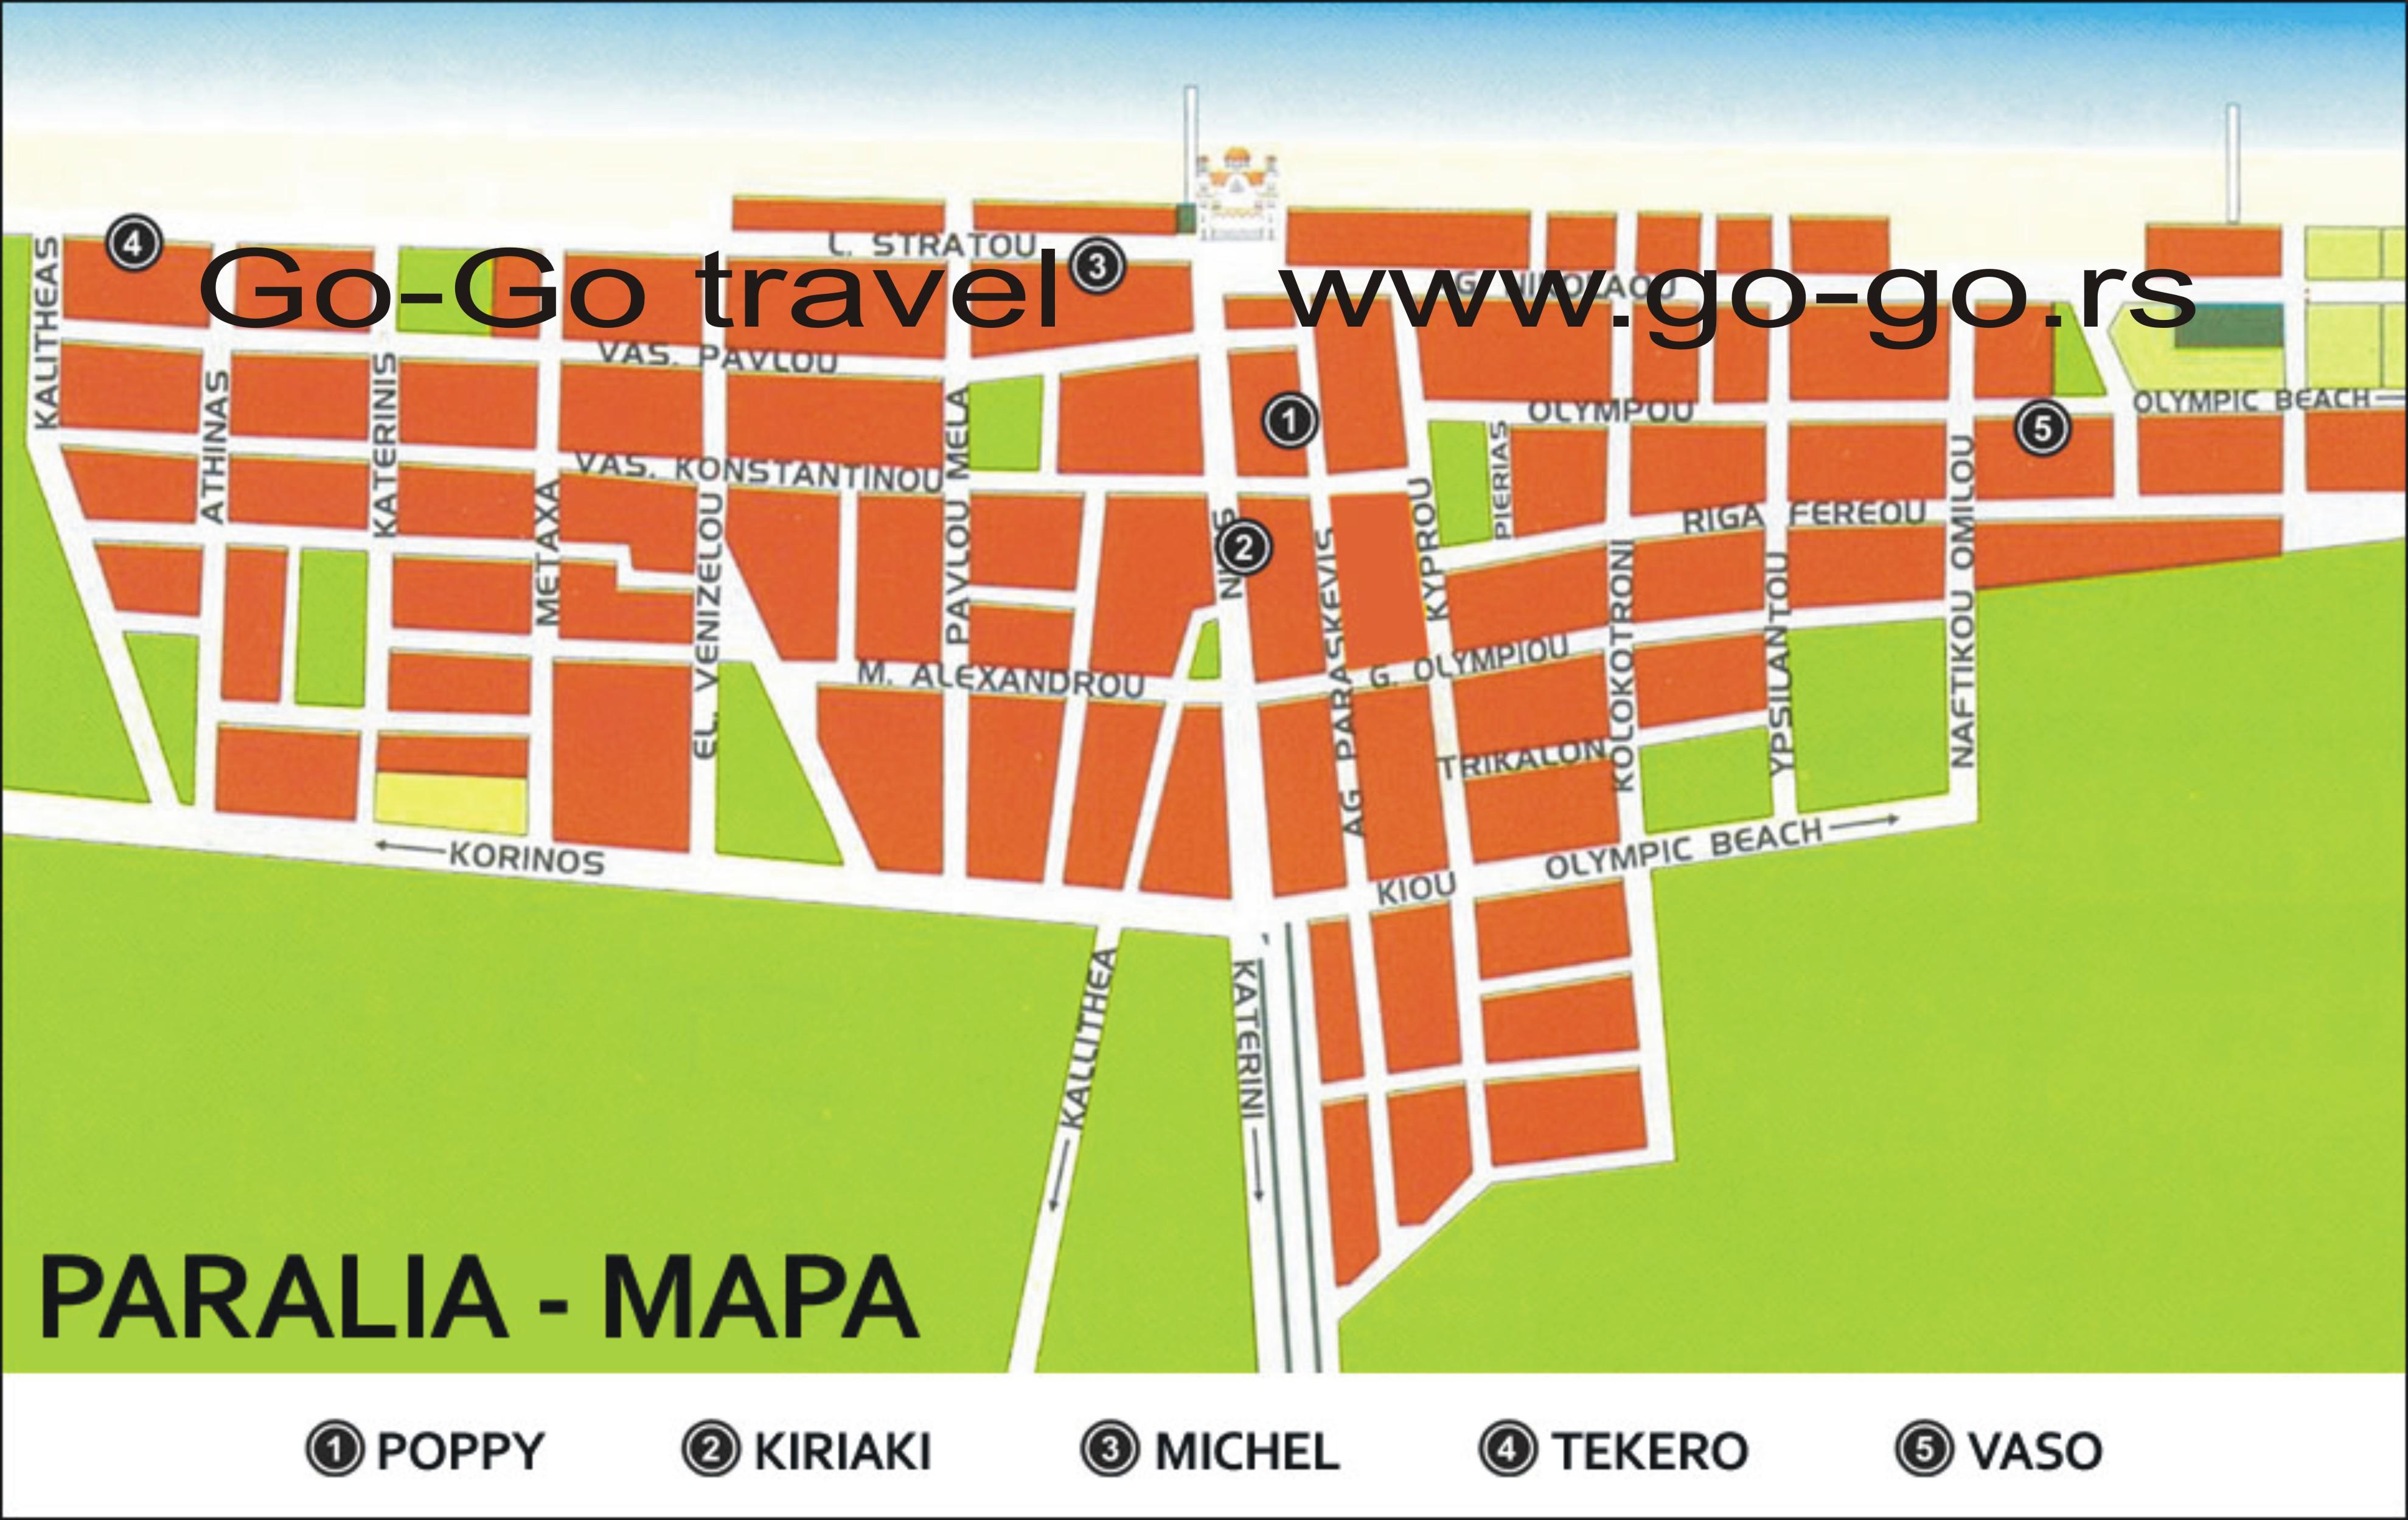 paralia mapa Index of /wp content/gallery/paralia vila tekero paralia mapa